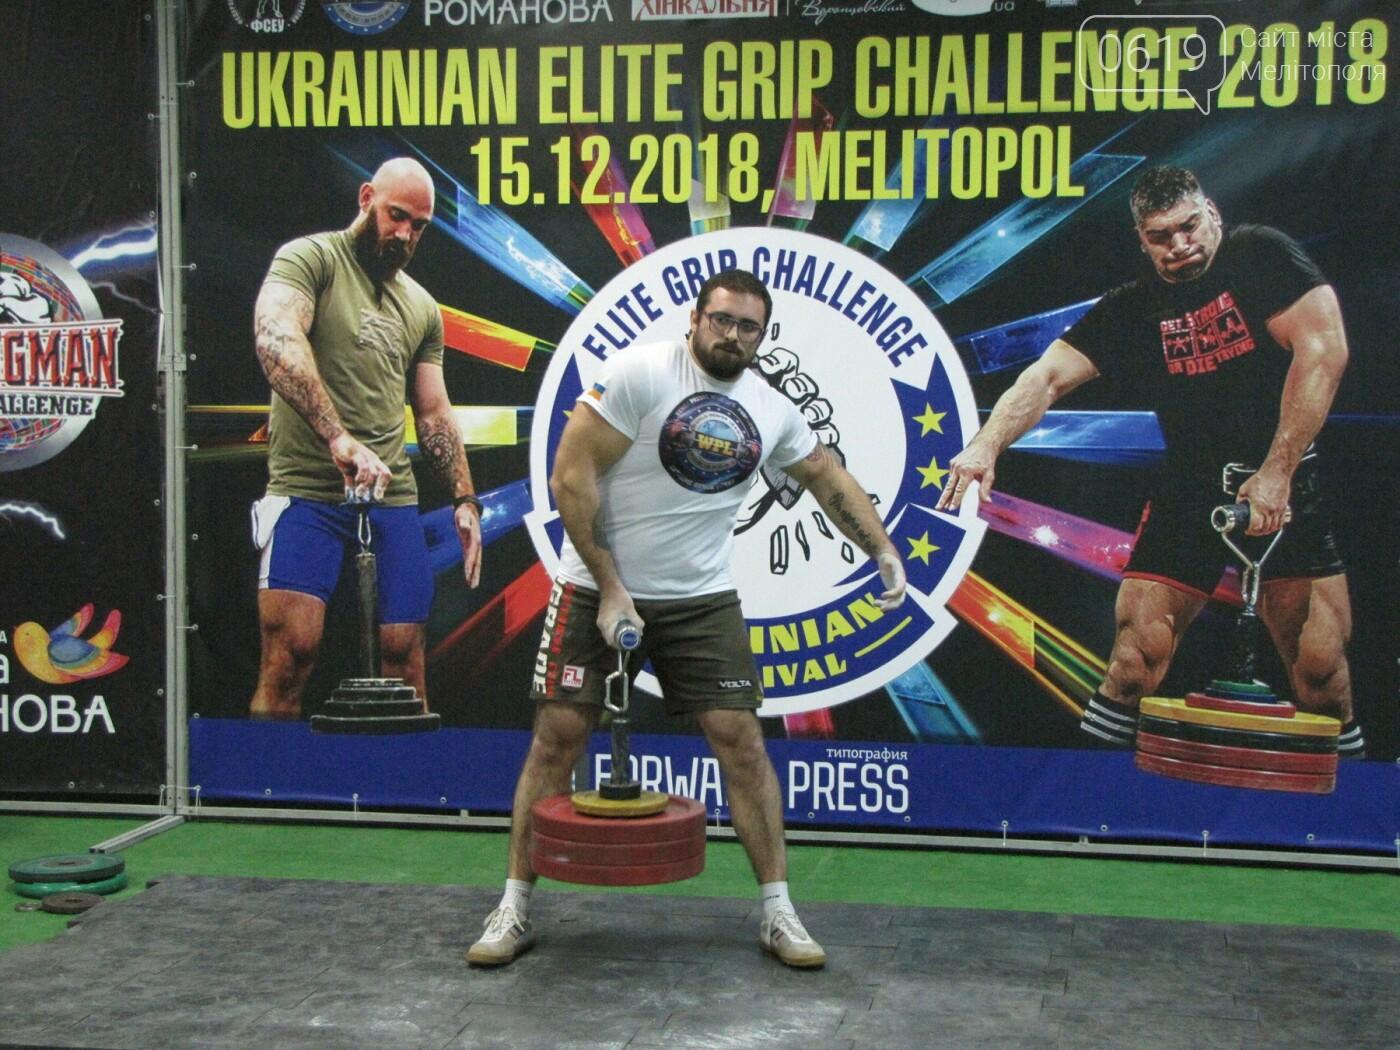 В Мелитополе сильнейшие атлеты соревновались в силе хвата, фото-51